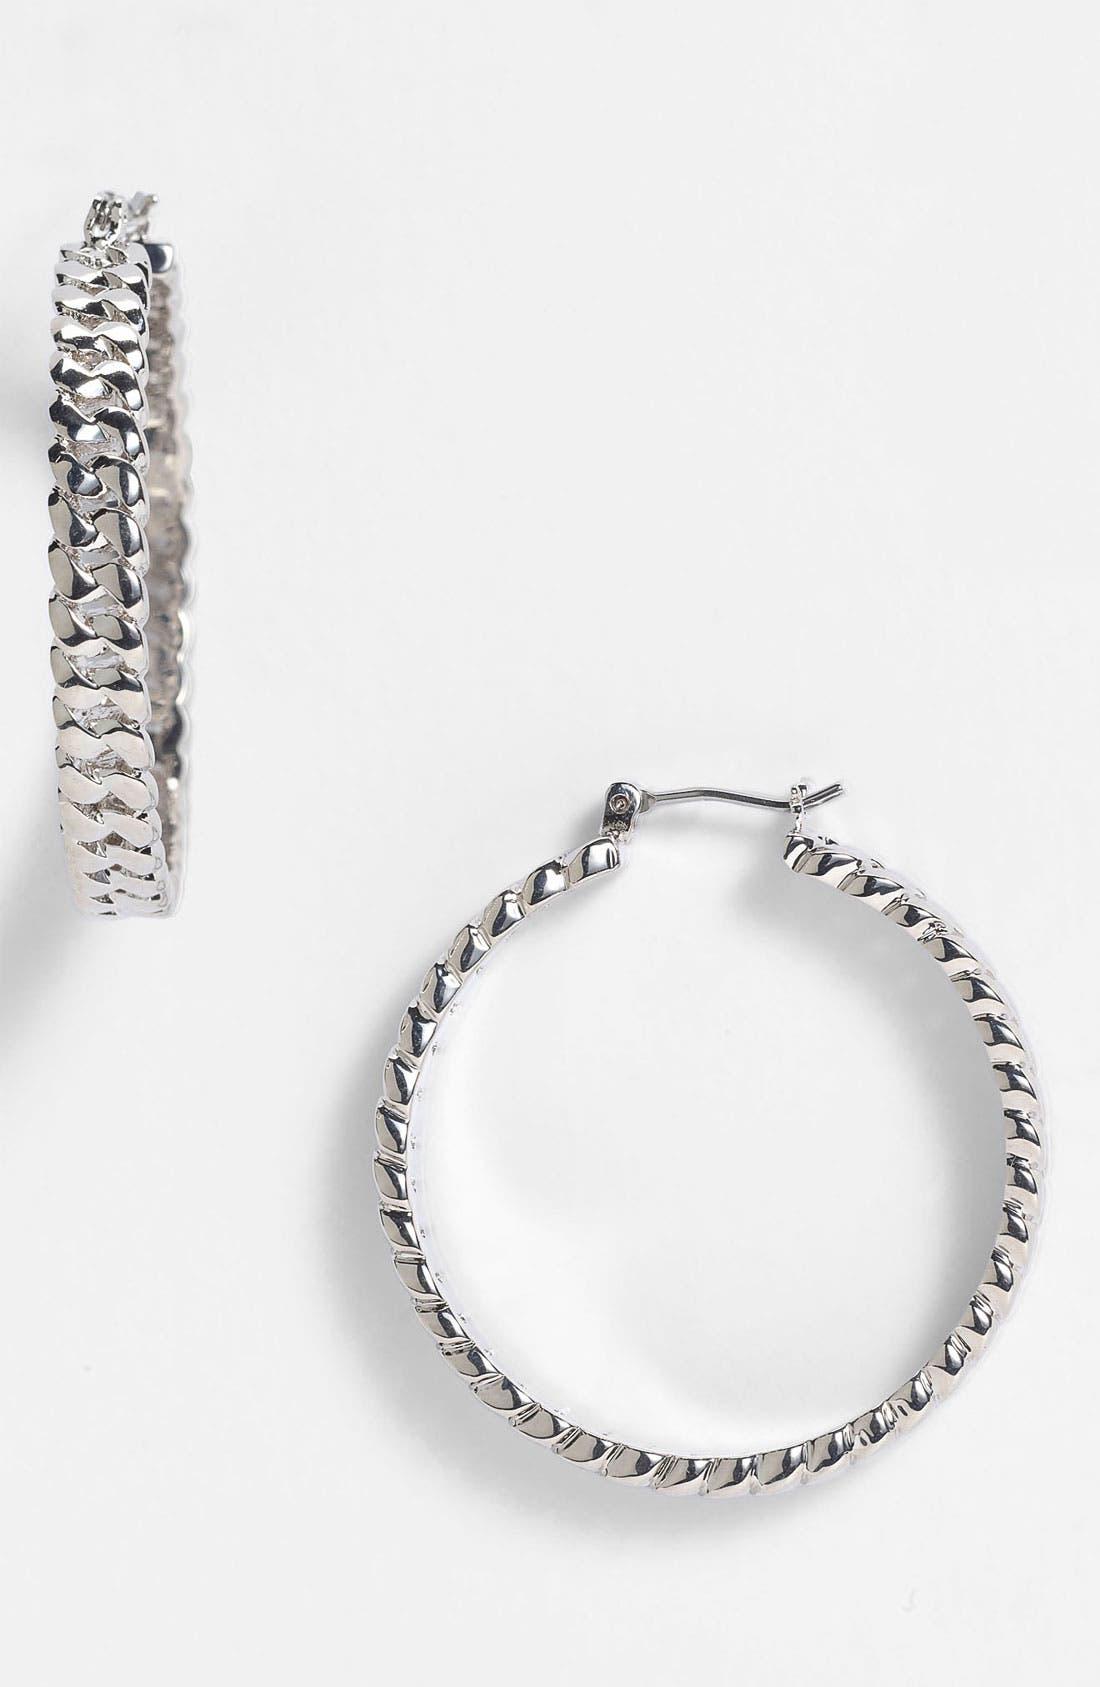 Main Image - MARC BY MARC JACOBS 'Toggles & Turnlocks' Hoop Earrings